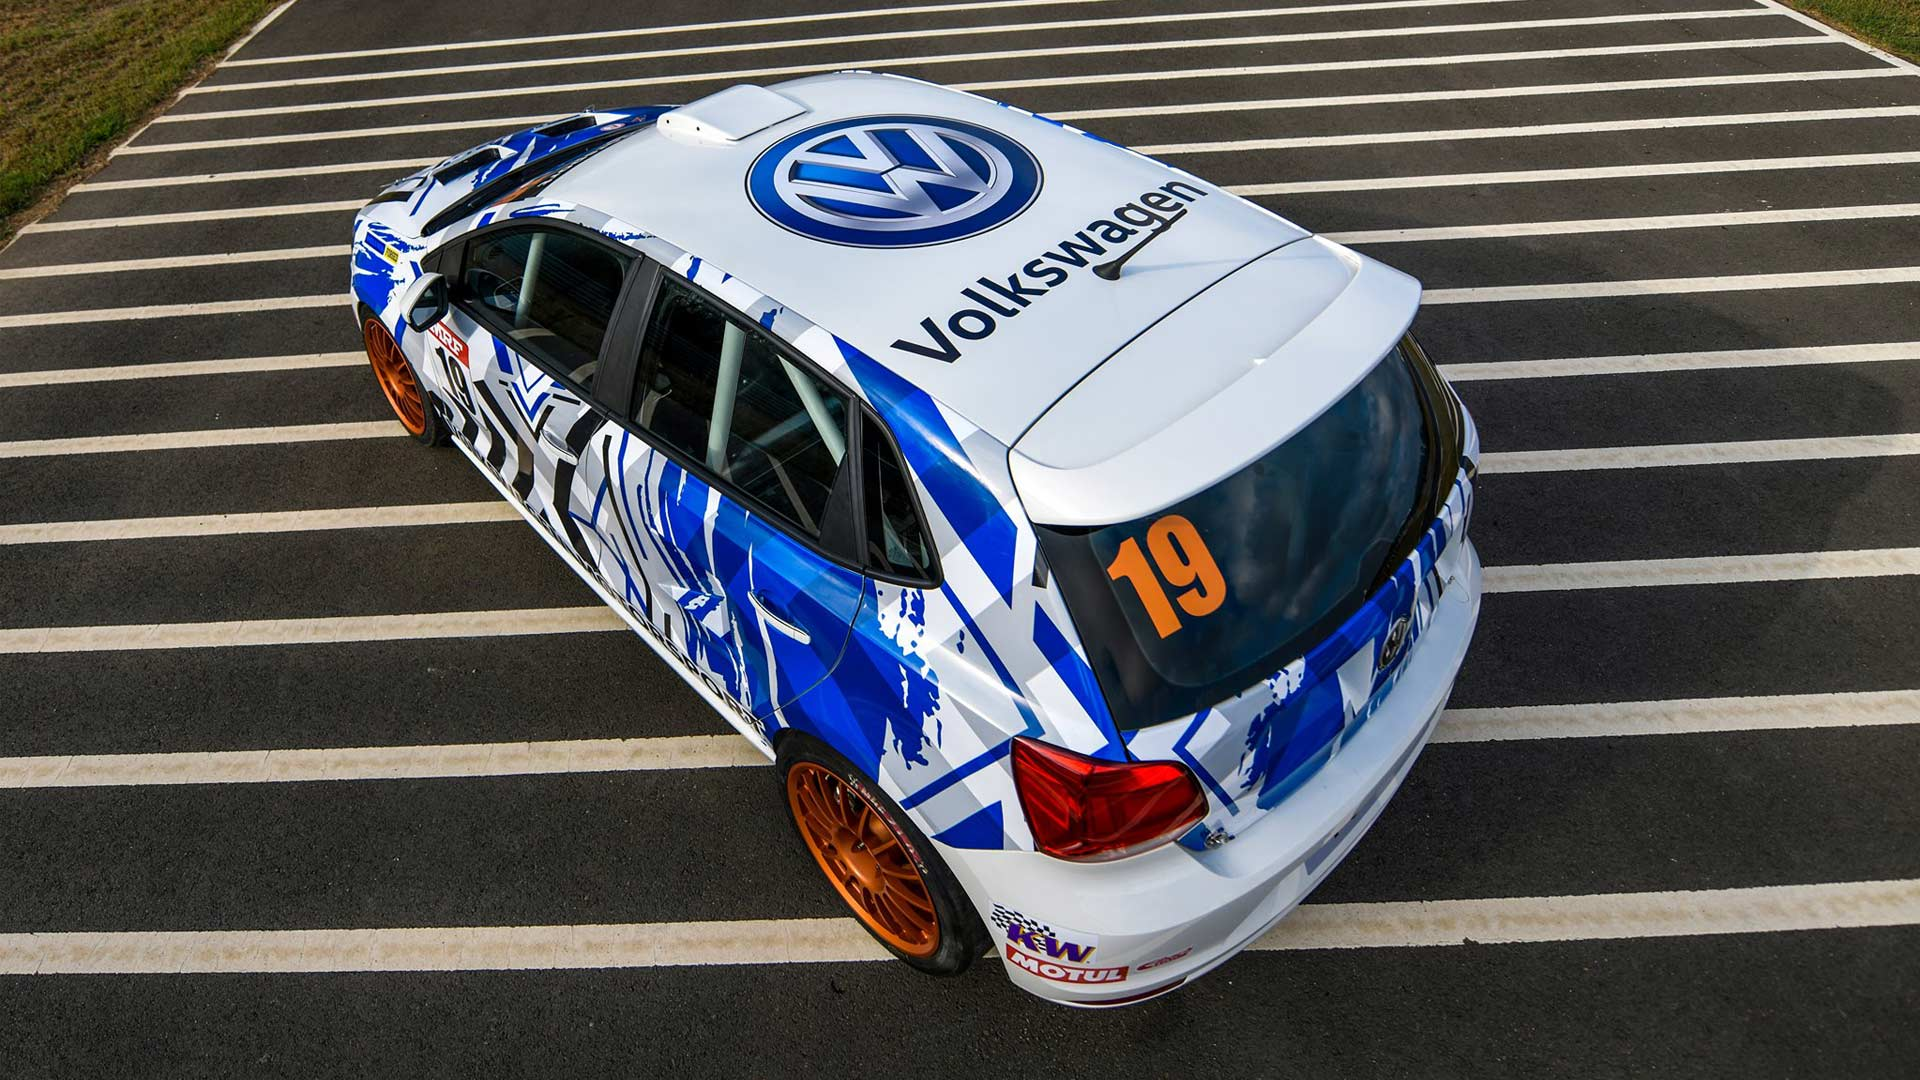 Volkswagen-Motorsport-Polo-RX-2019_3